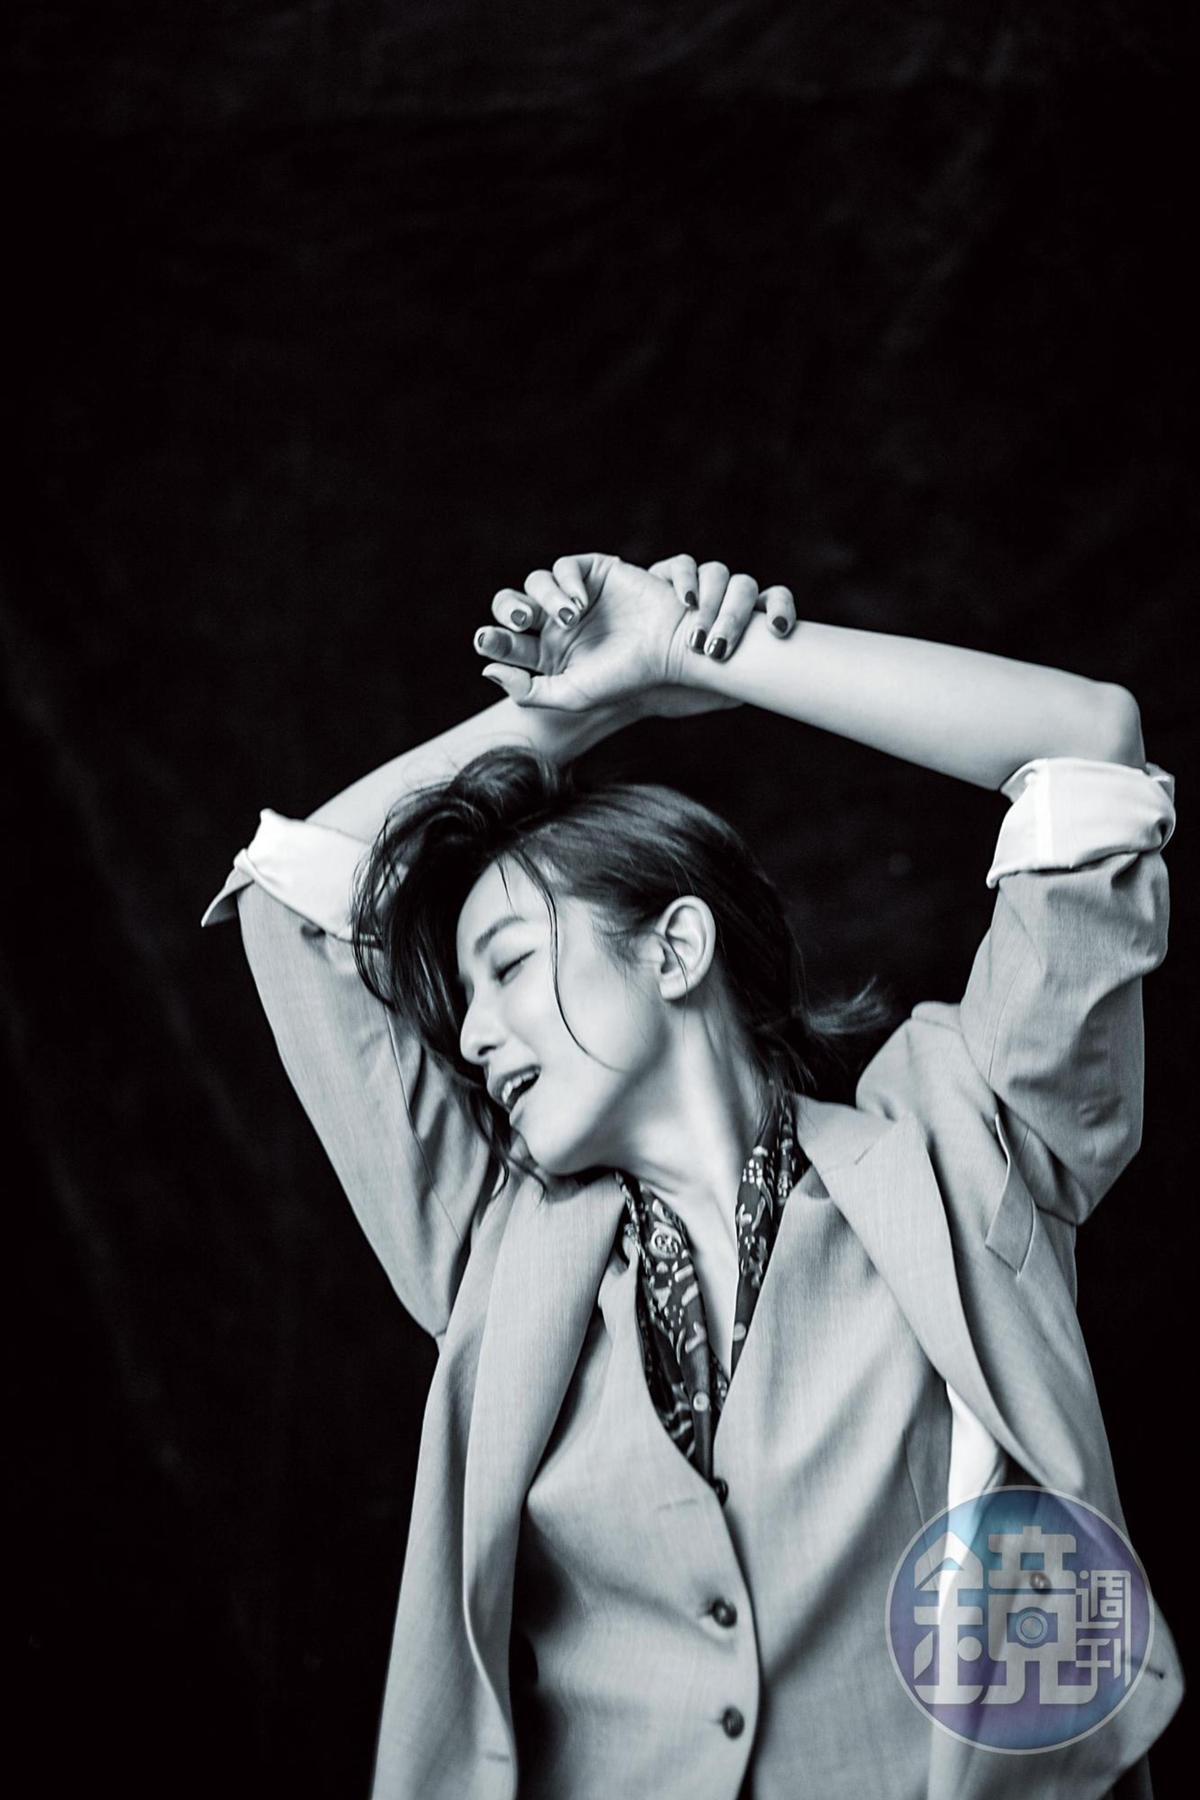 曾排斥再接中性角色,賴雅妍現在不設限了。「長髮也好,短髮也好,中性角色也好,我想看這個世界怎麼看我,而不是我希望怎麼去展現自己。」